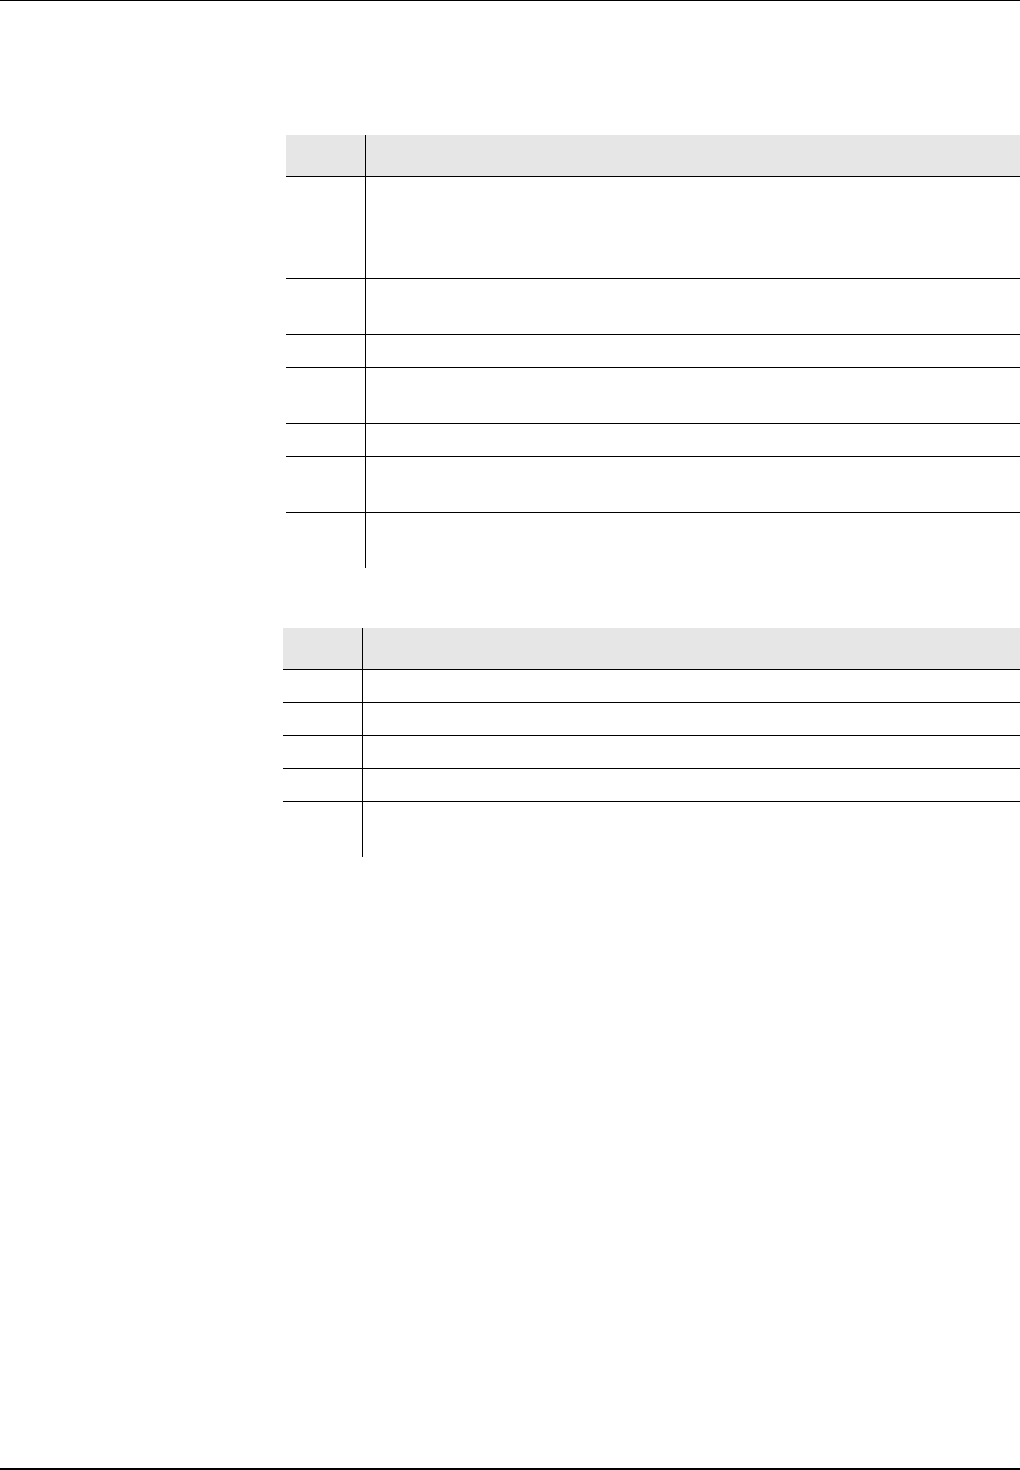 Bedienungsanleitung Triumph-Adler LP 4335 (Seite 76 von 94